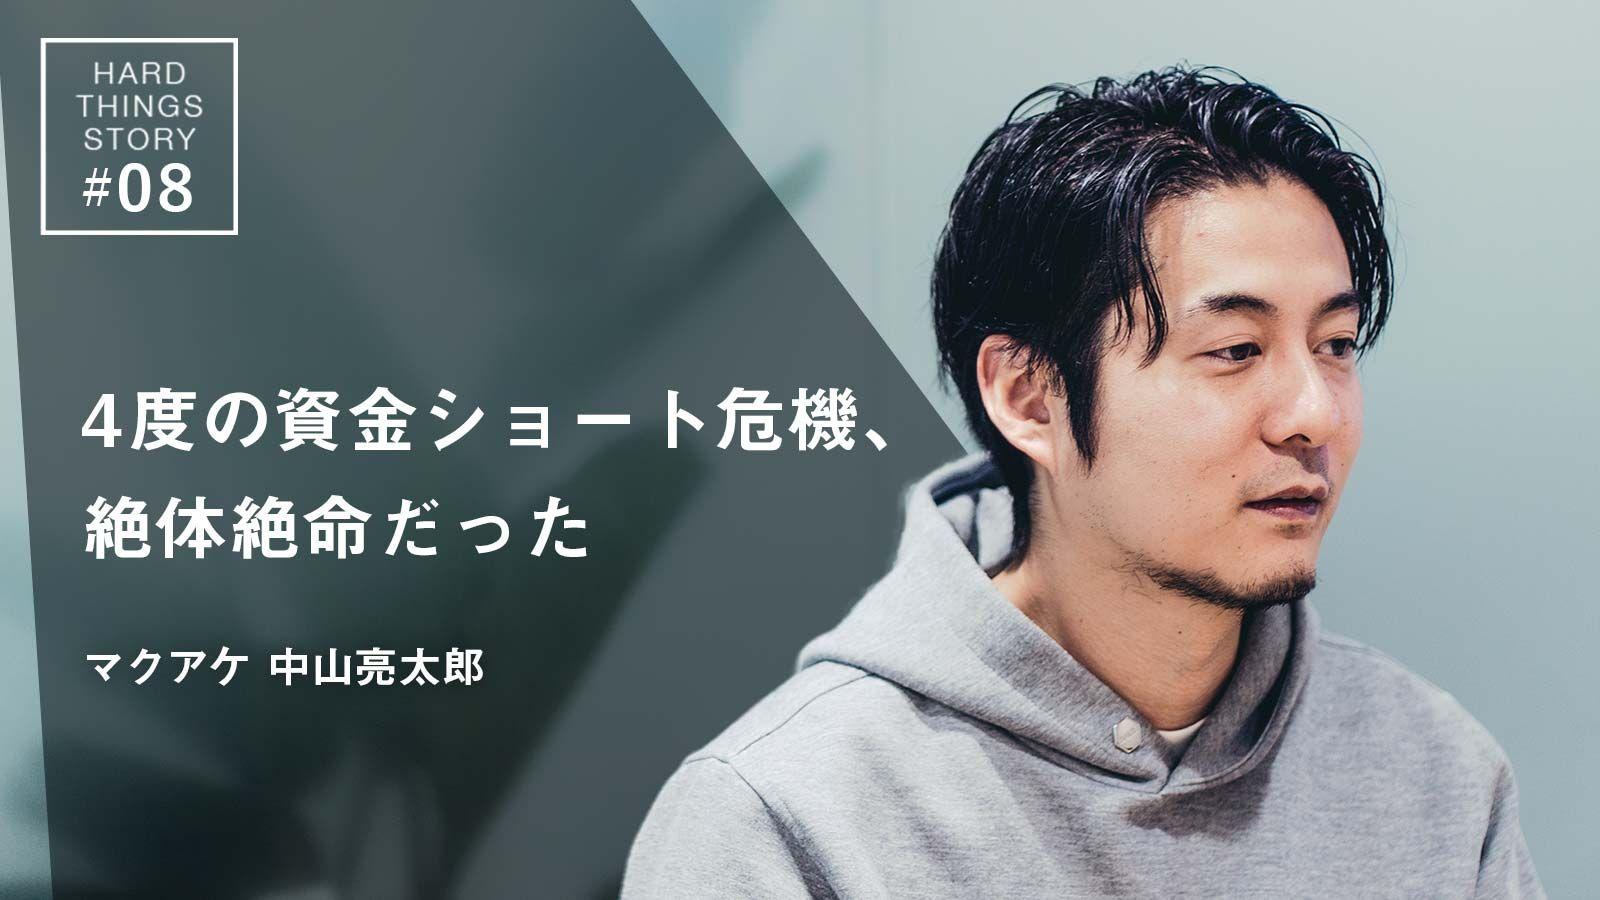 黒字化への失敗、誰にも言えなかった危機を経て|マクアケ 中山亮太郎